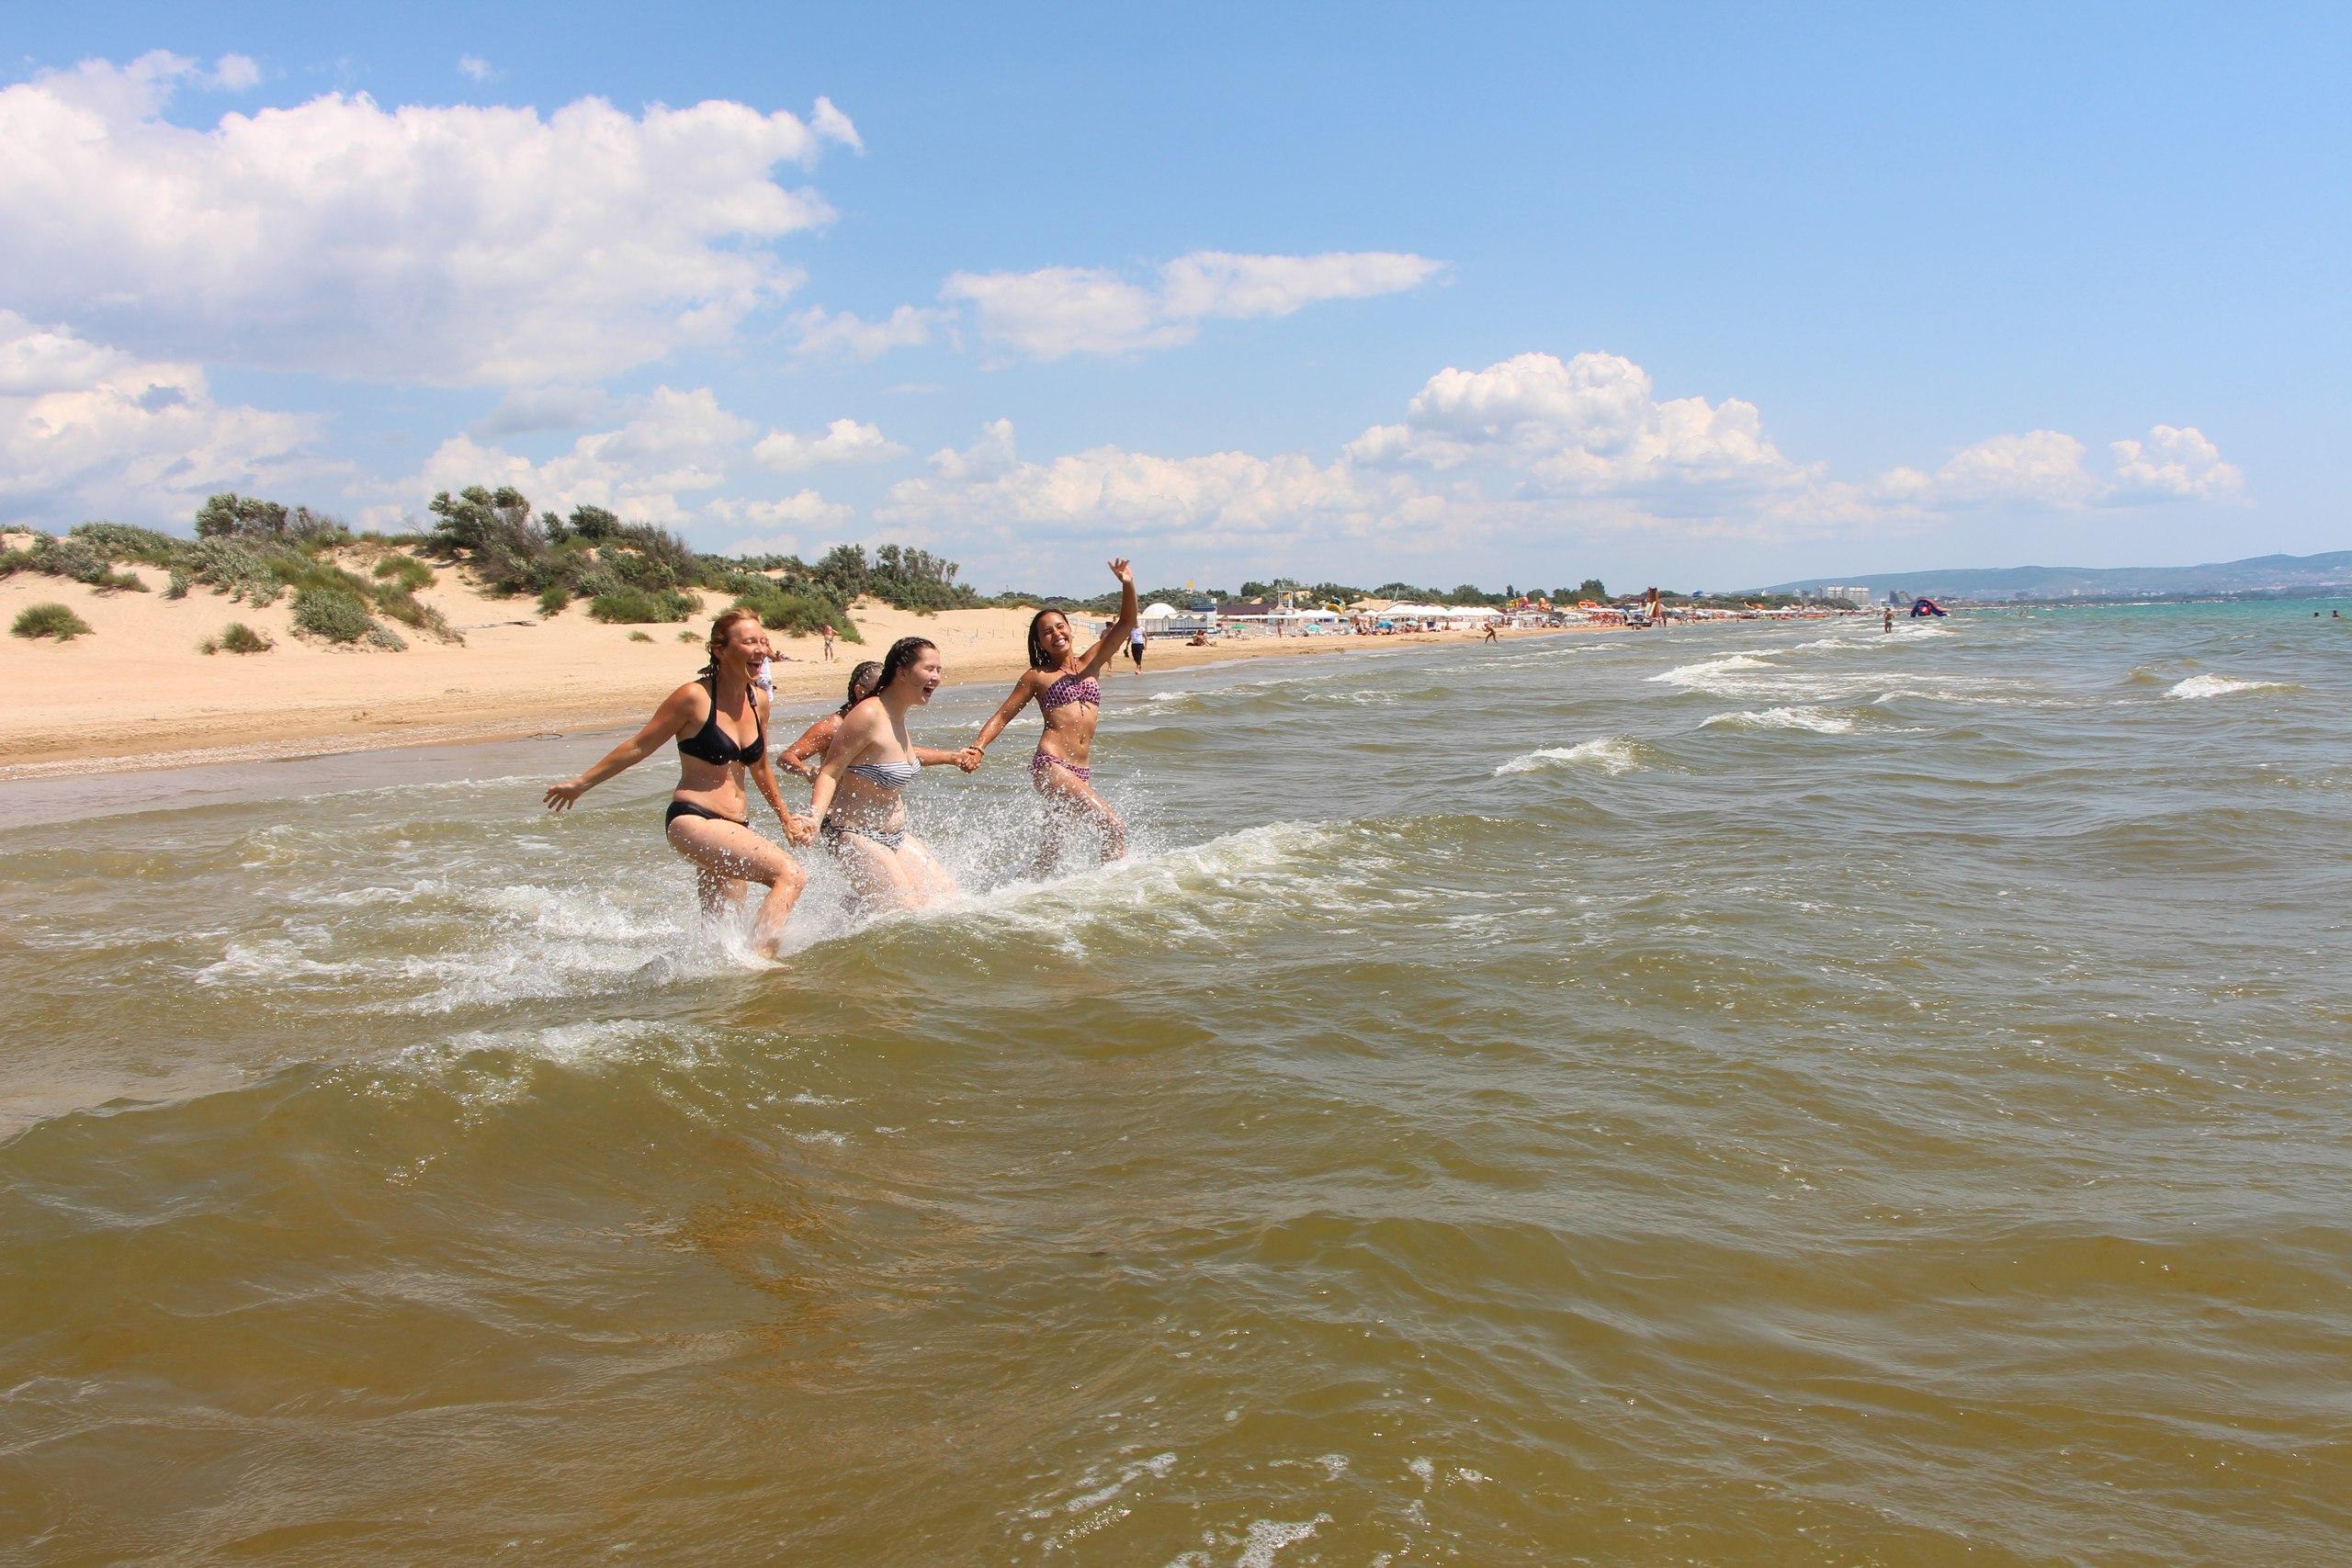 Совместные купания в море!! =) Фото 17 июля 2015 года =)